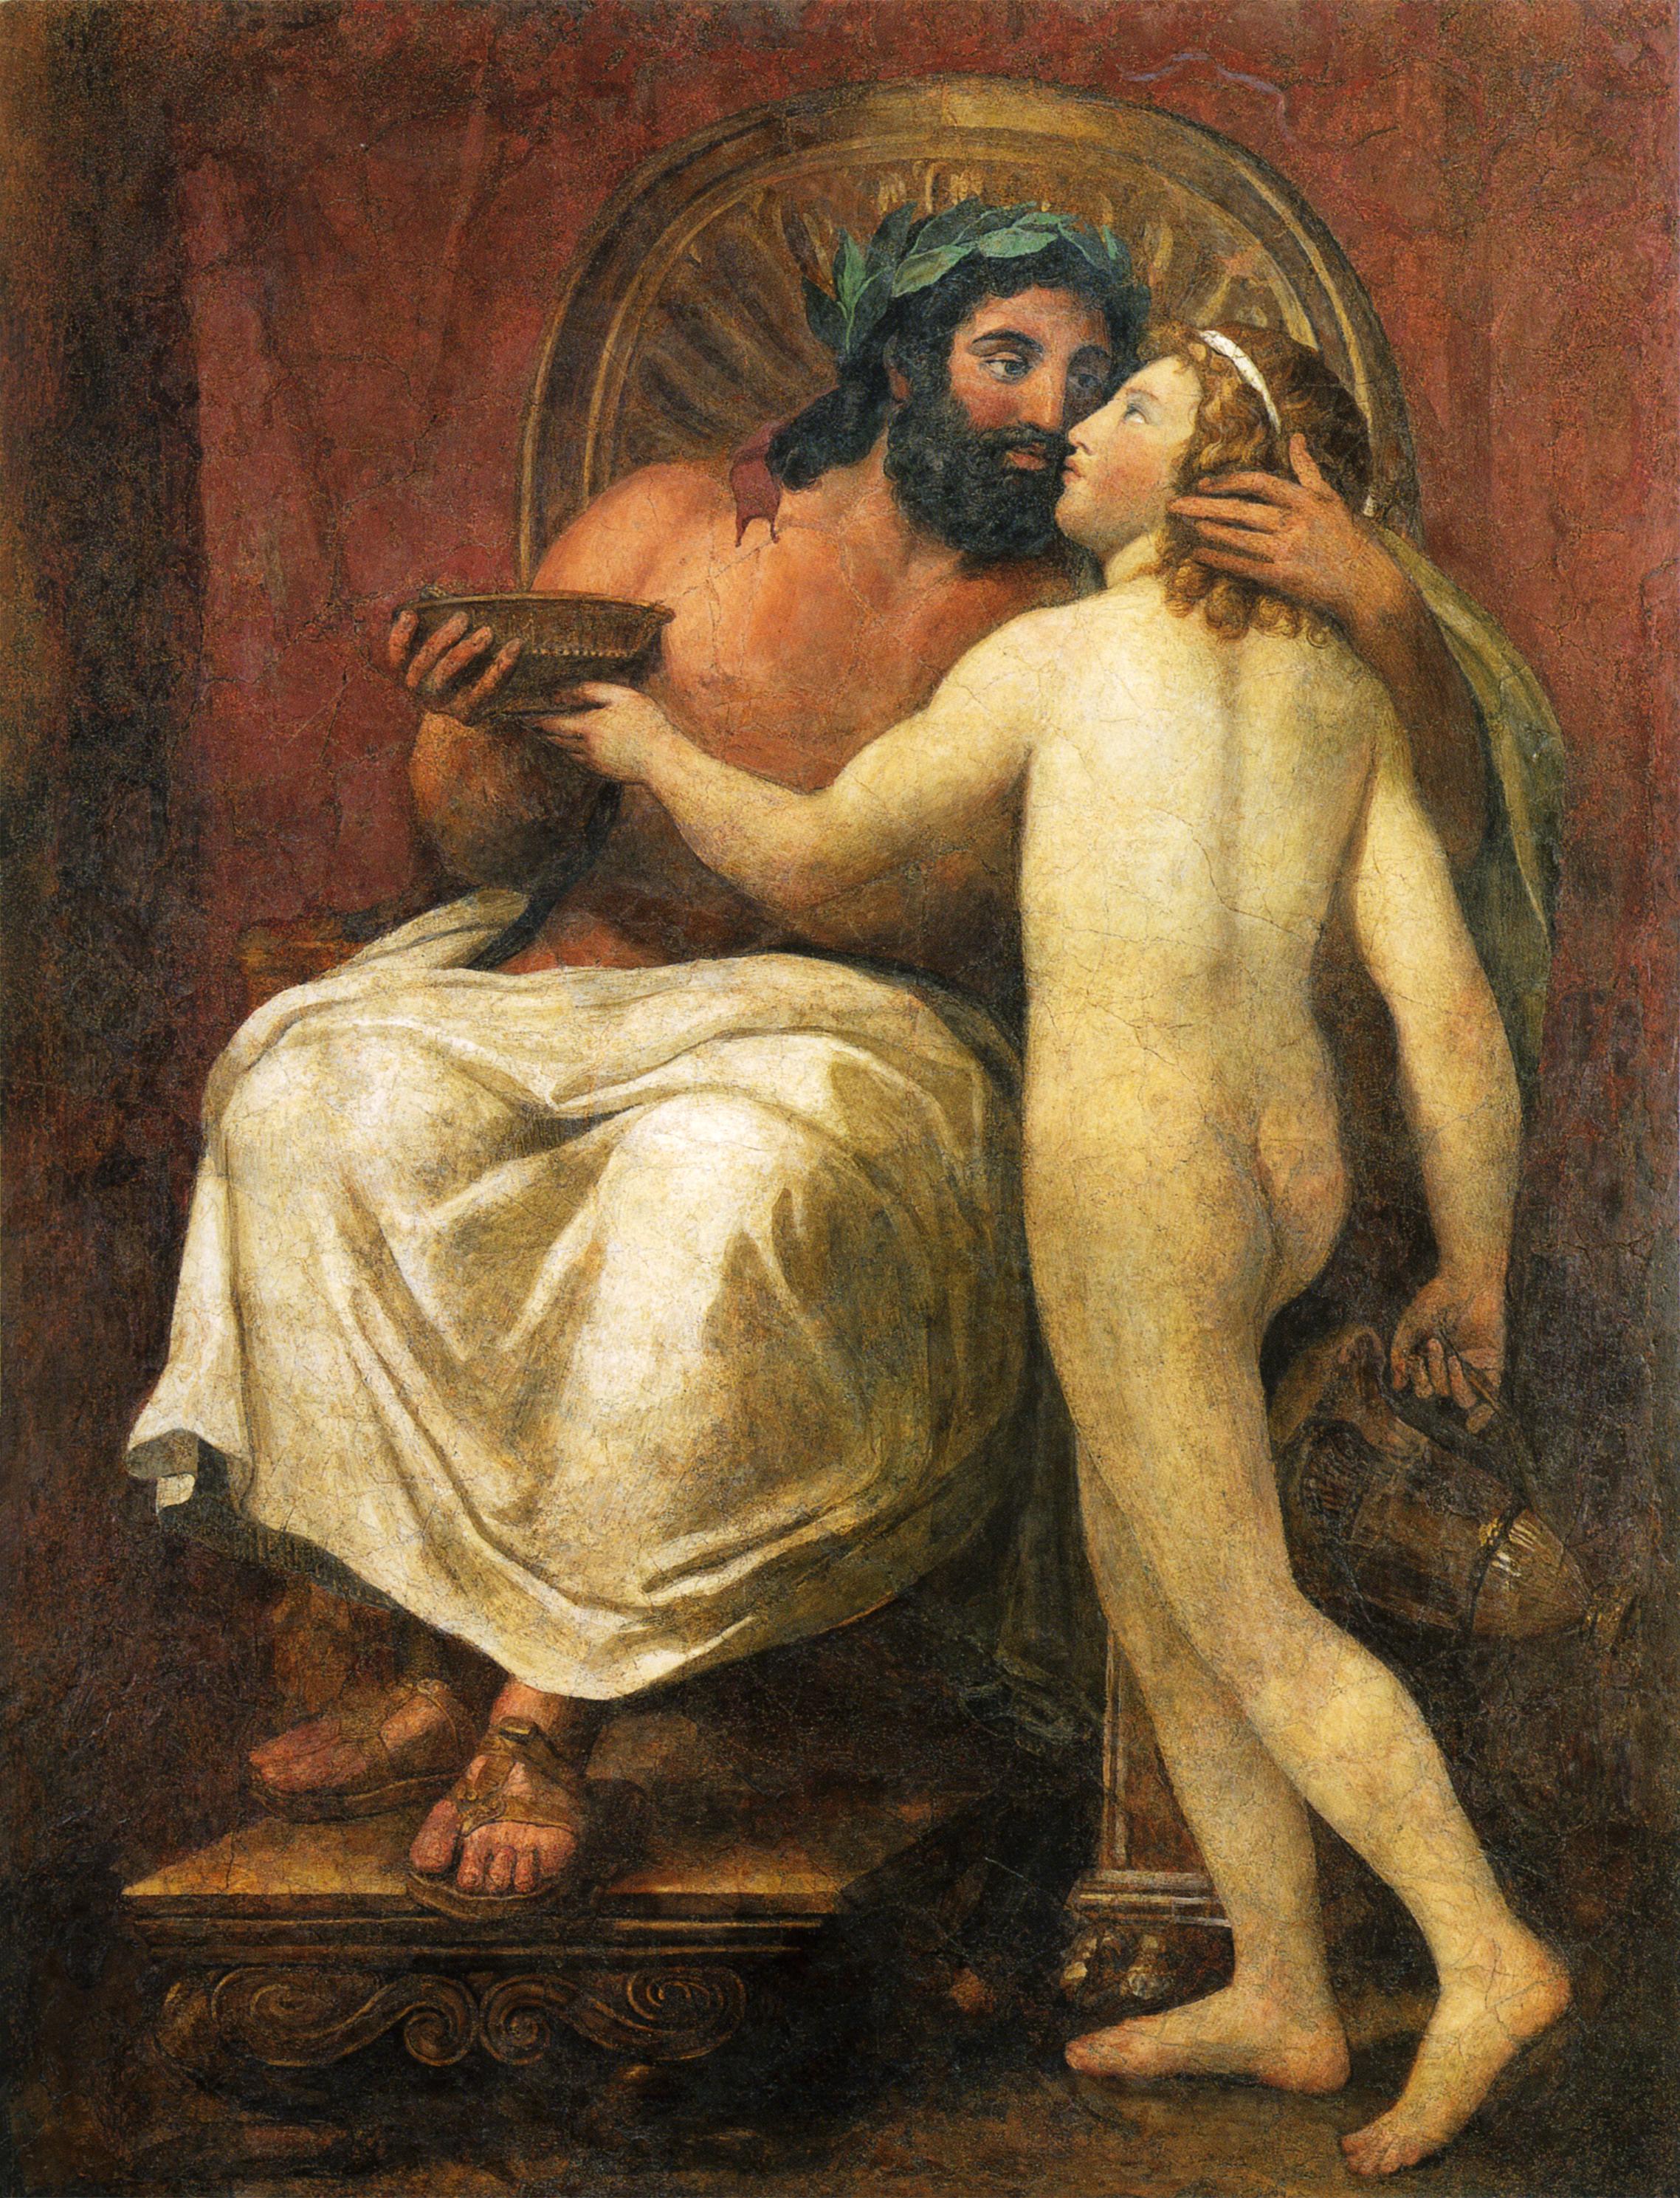 посетить эту секс и греческими мужчинами все